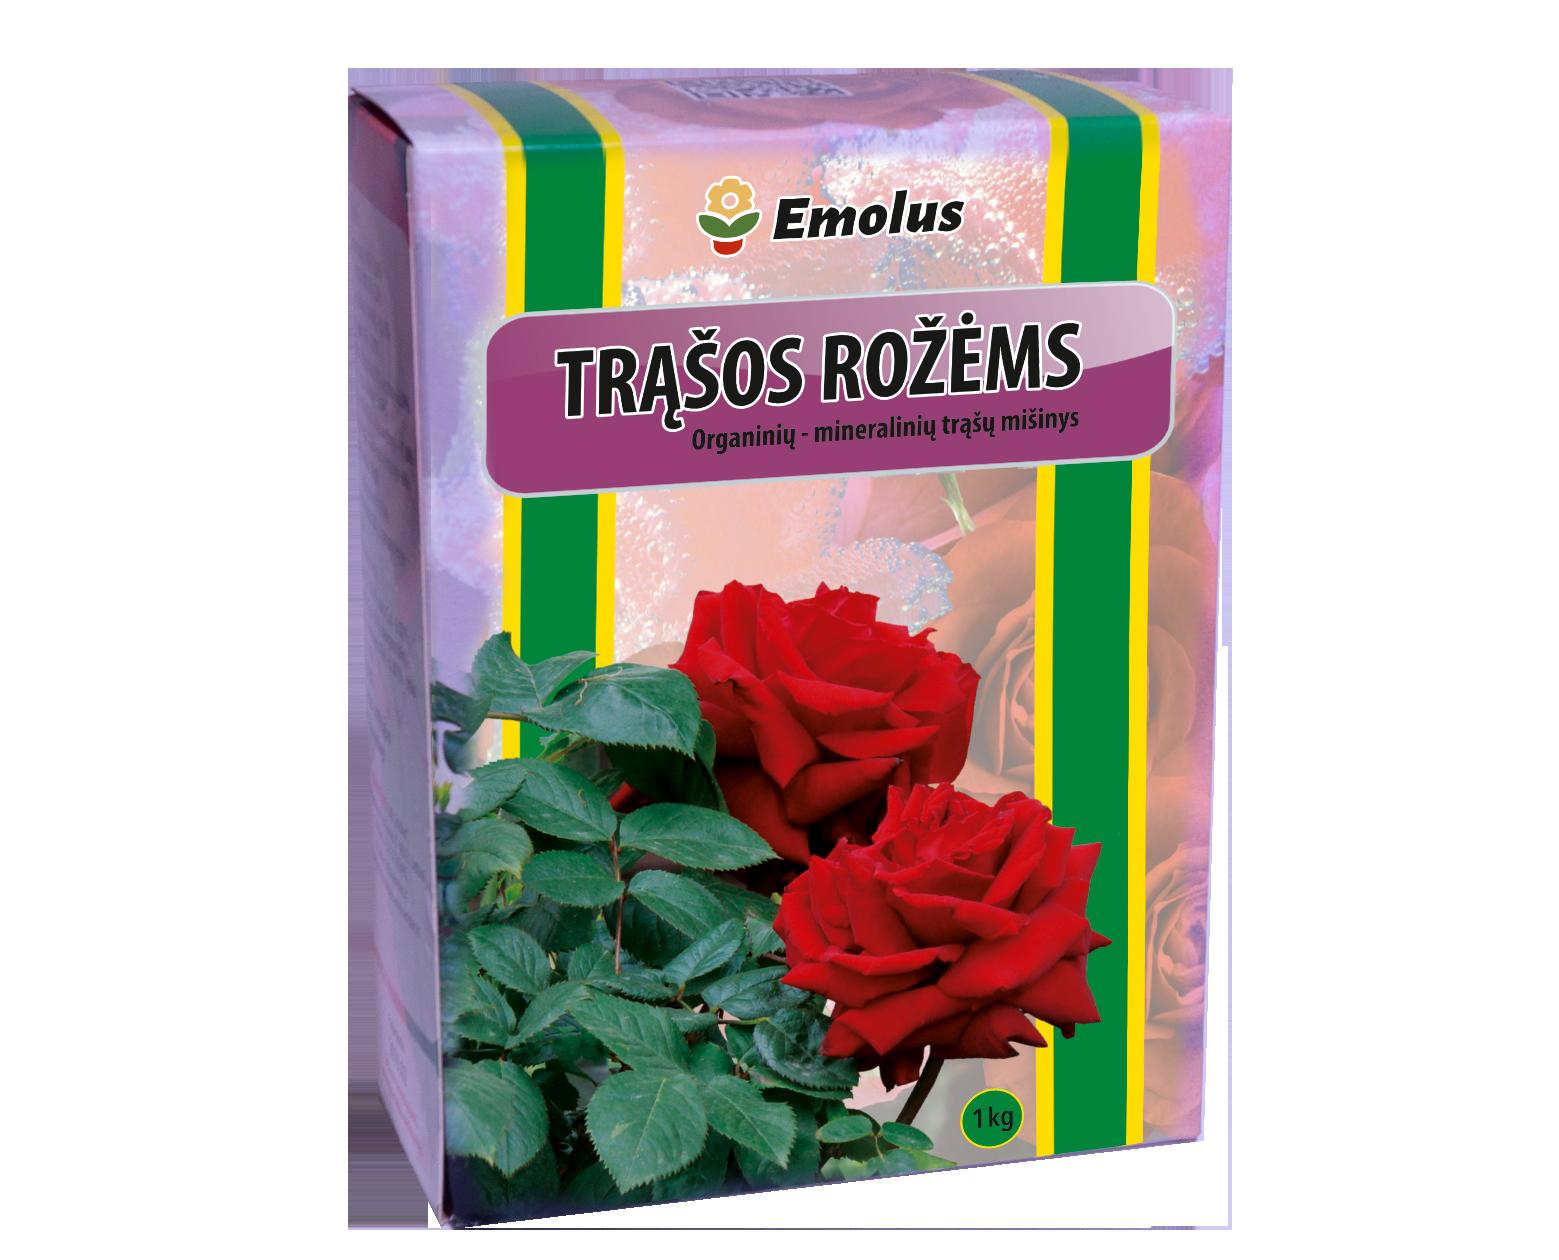 Rožėms organinių, mineralinių trąšų mišinys 1kg